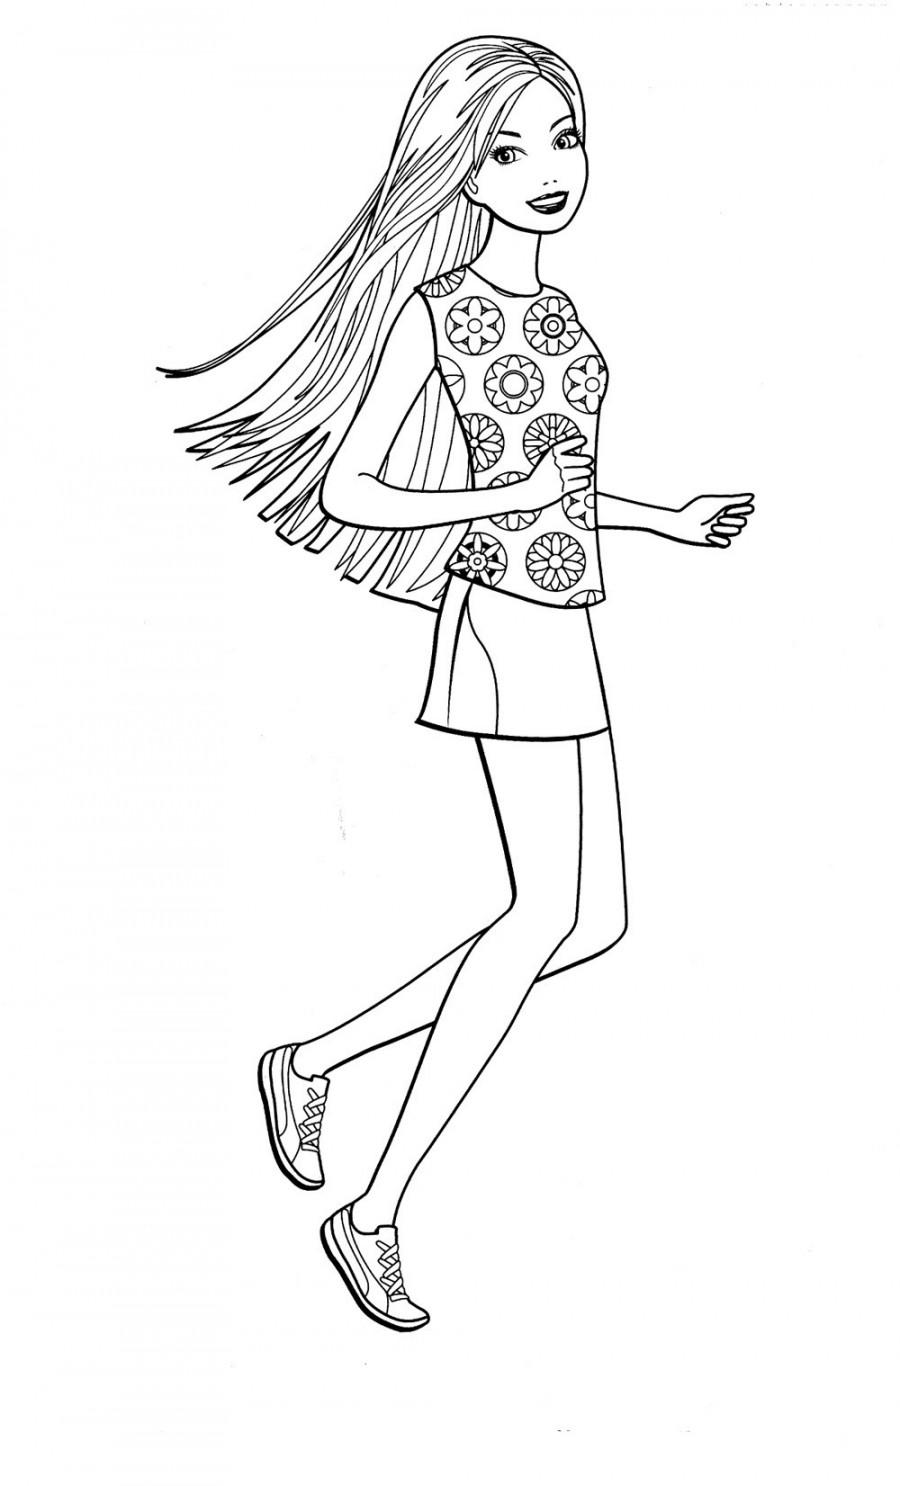 Барби занимается бегом - раскраска №873 | Printonic.ru